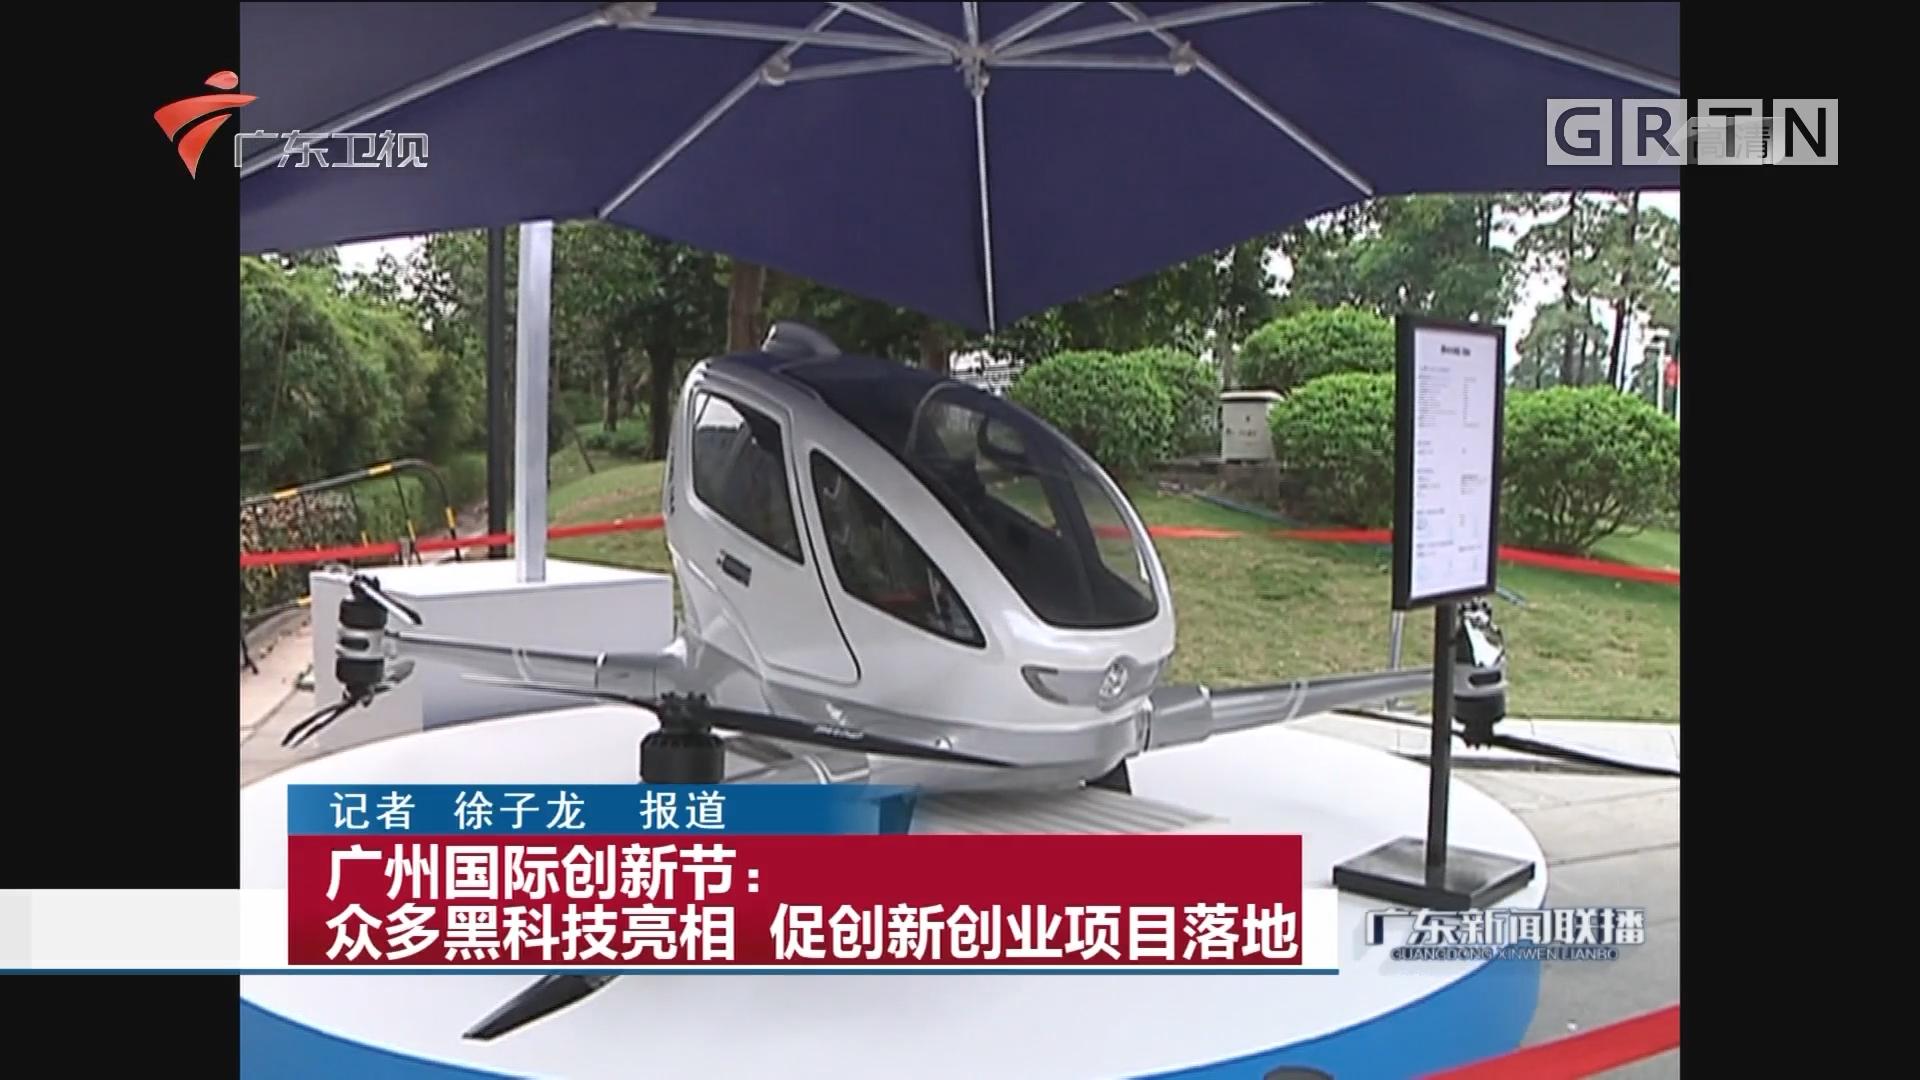 广州国际创新节:众多黑科技亮相 促创新创业项目落地